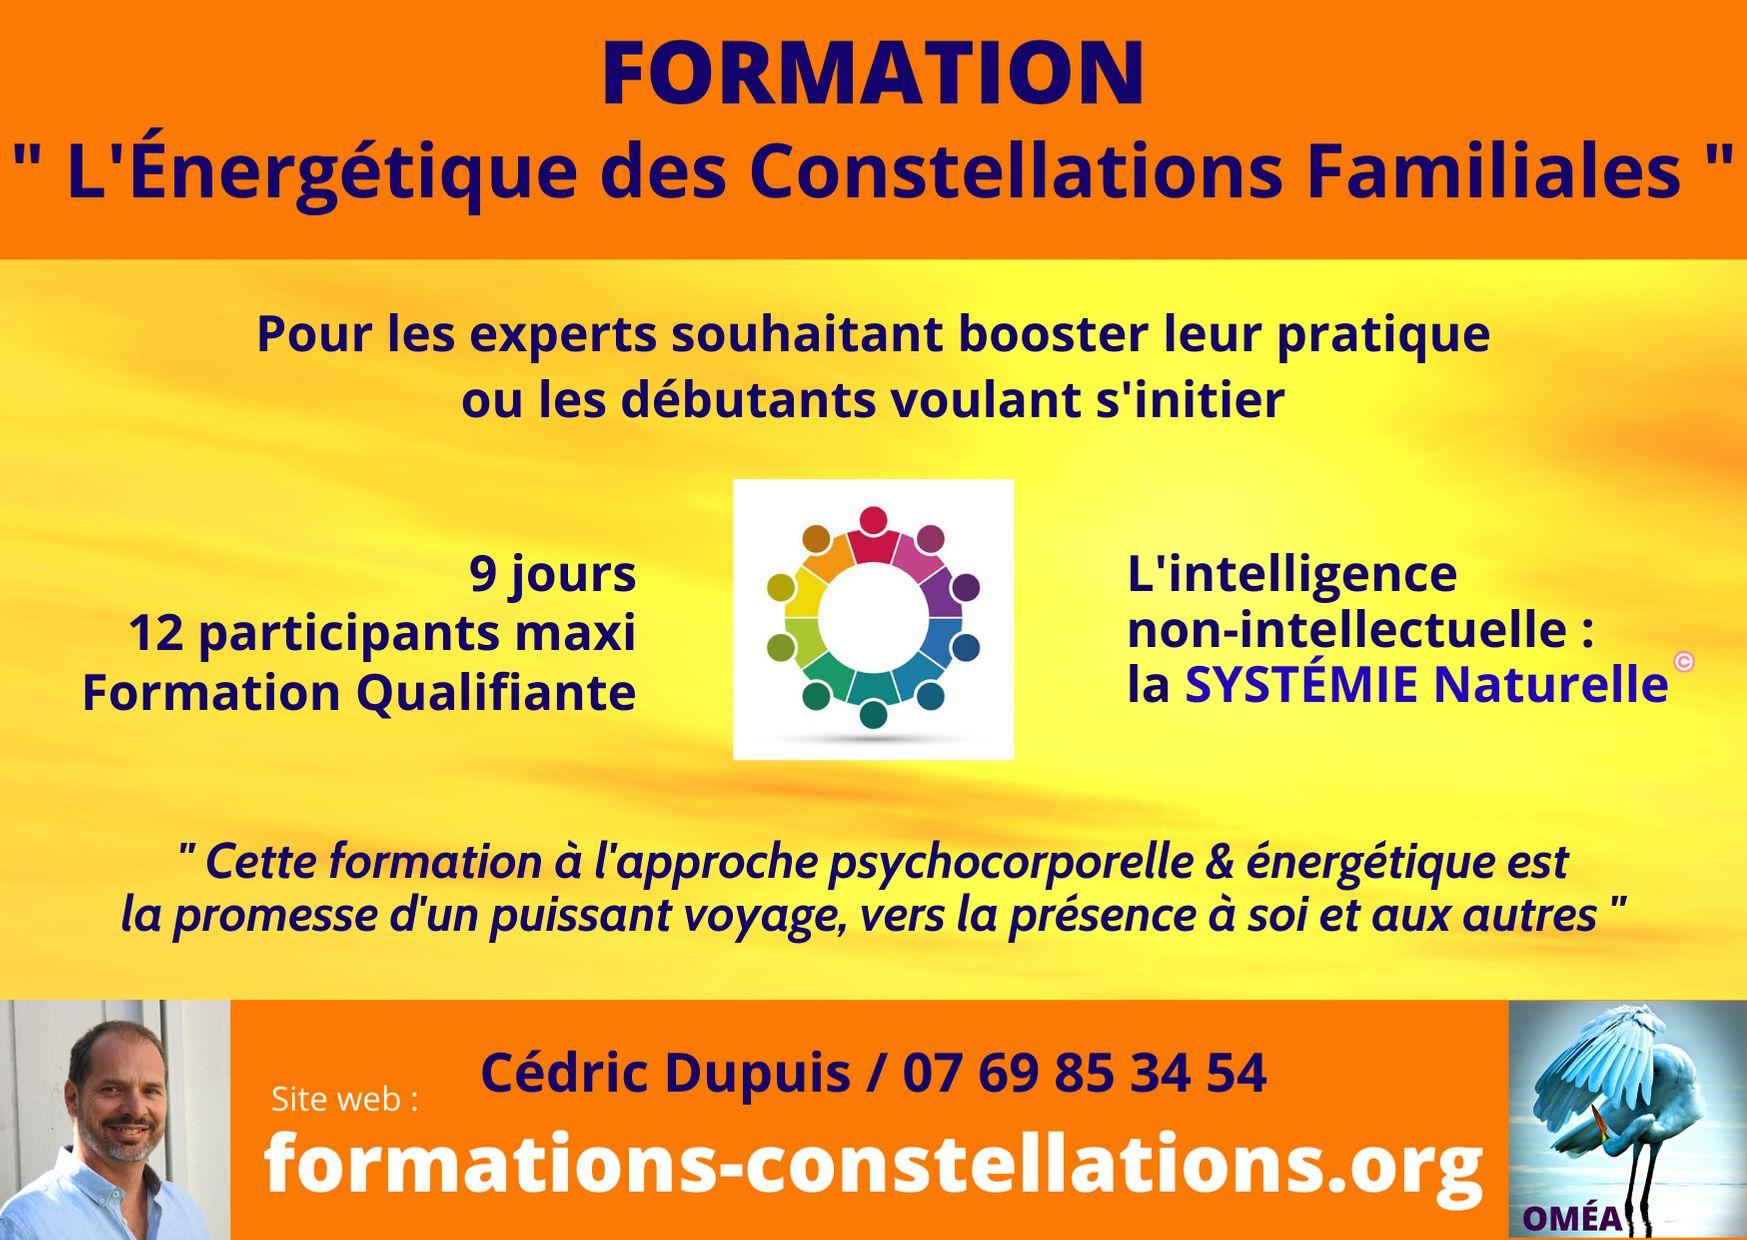 Formation : L'Énergétique des Constellations Familiales